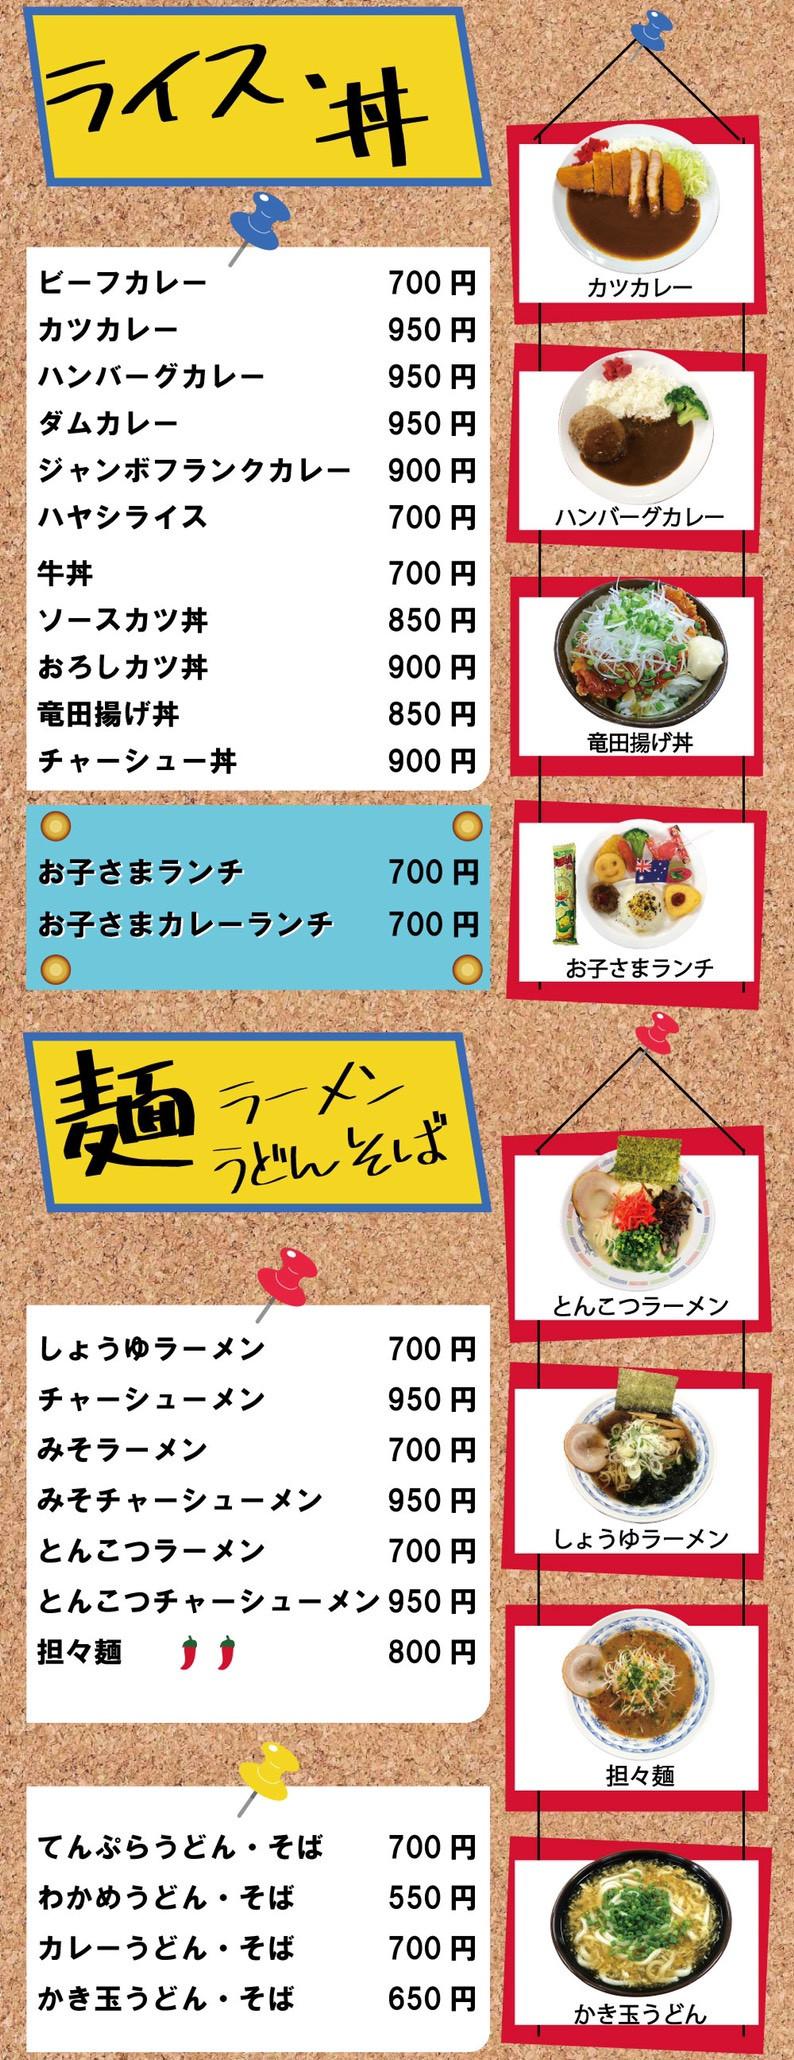 スマホ ライス&麺メニュー